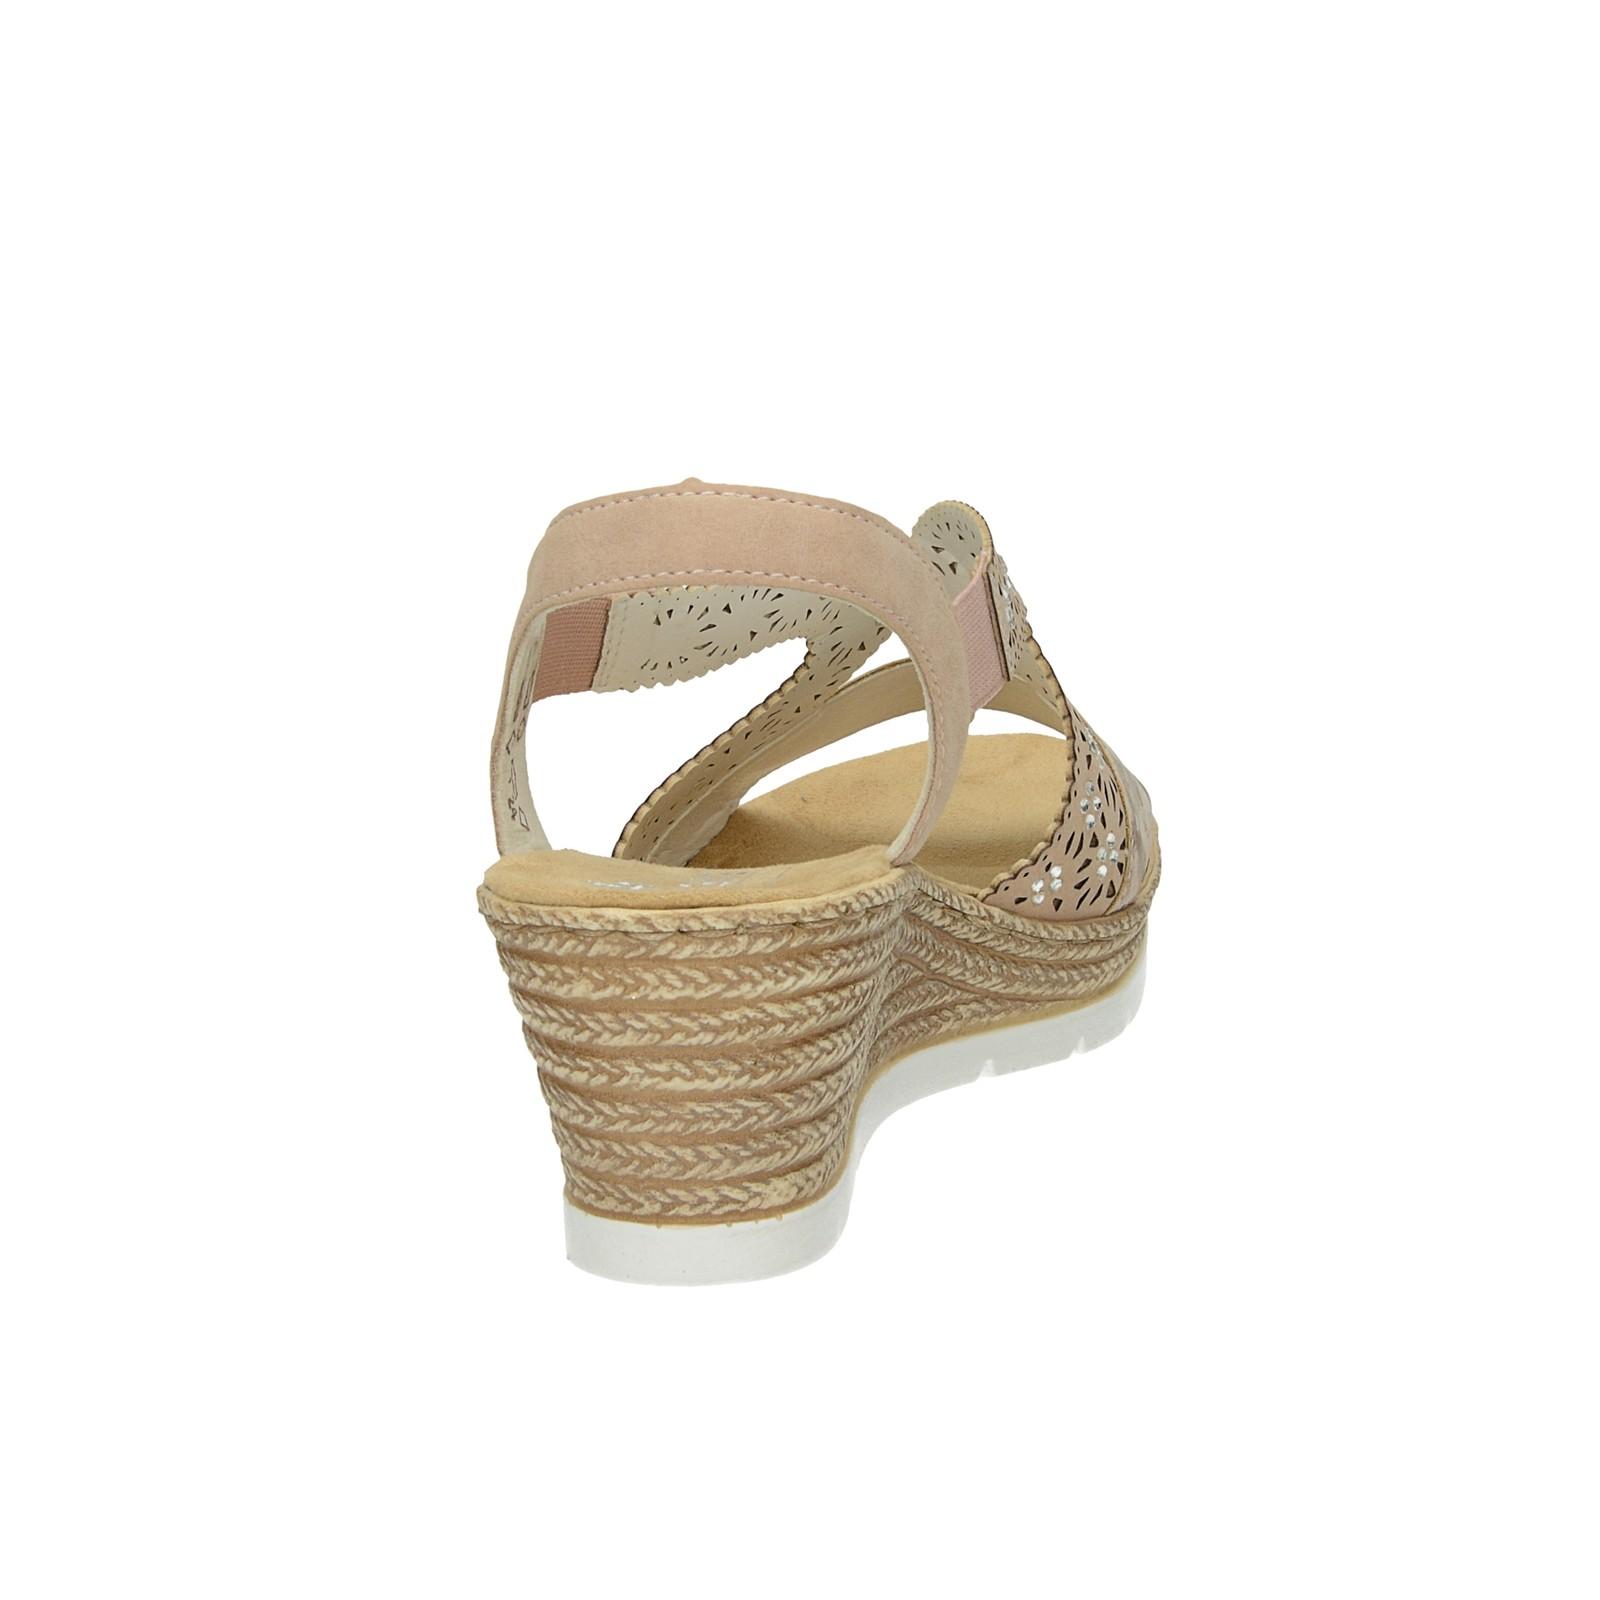 cafbf2249dff3 ... Rieker dámske štýlové sandále na klinovej podrážke - ružové ...